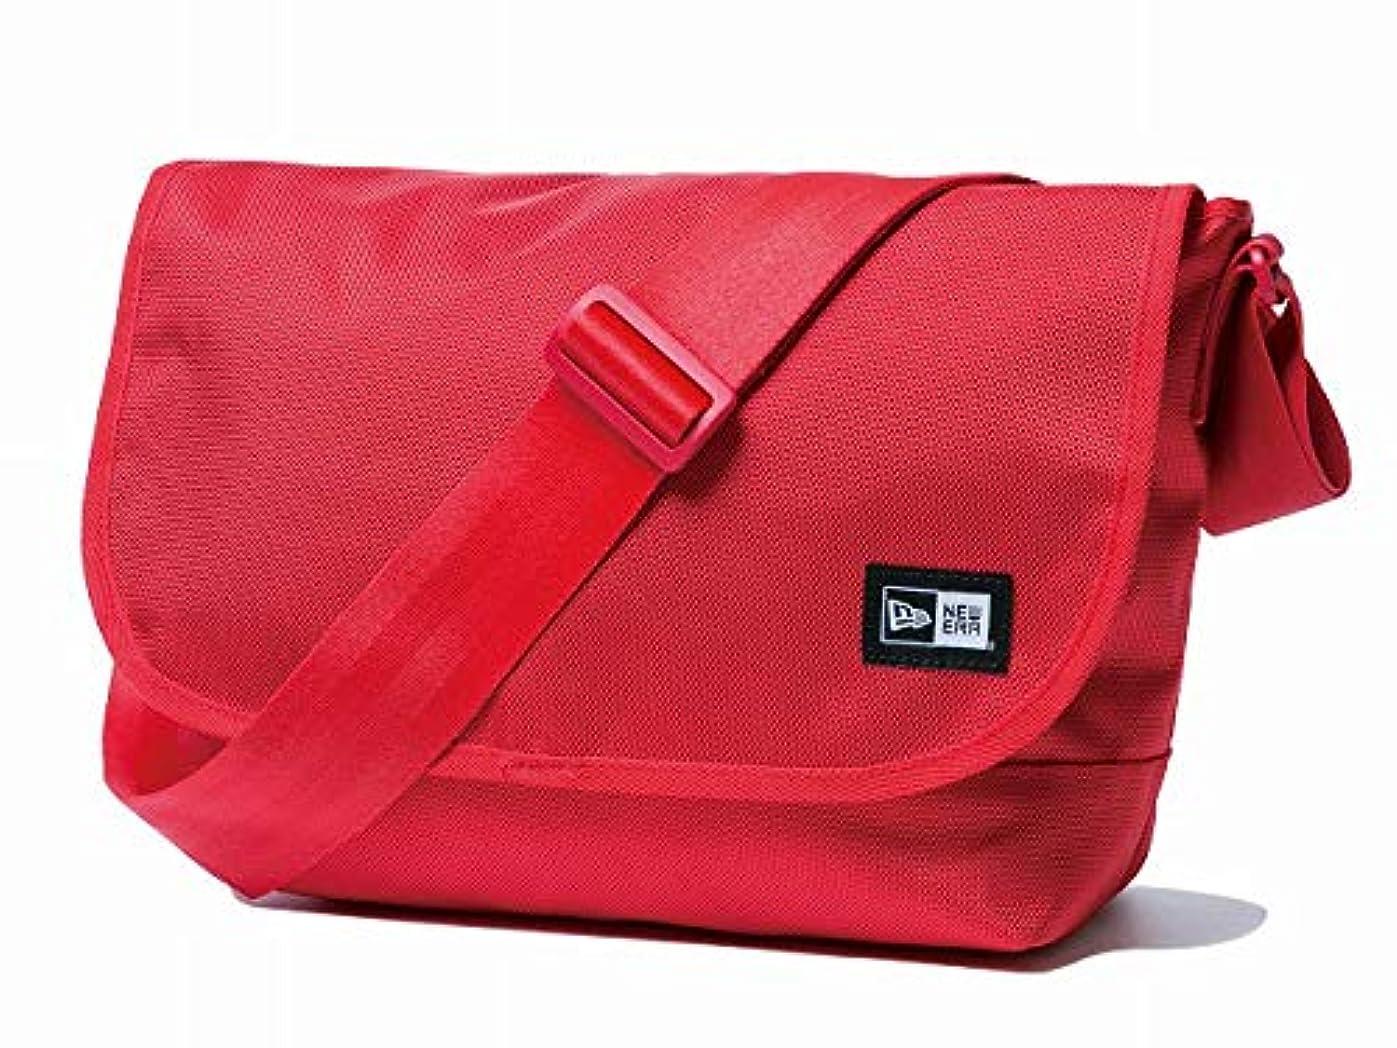 アナニバー腐った団結するニューエラ ショルダーバッグ 11556622 レッド SHOULDER BAG red